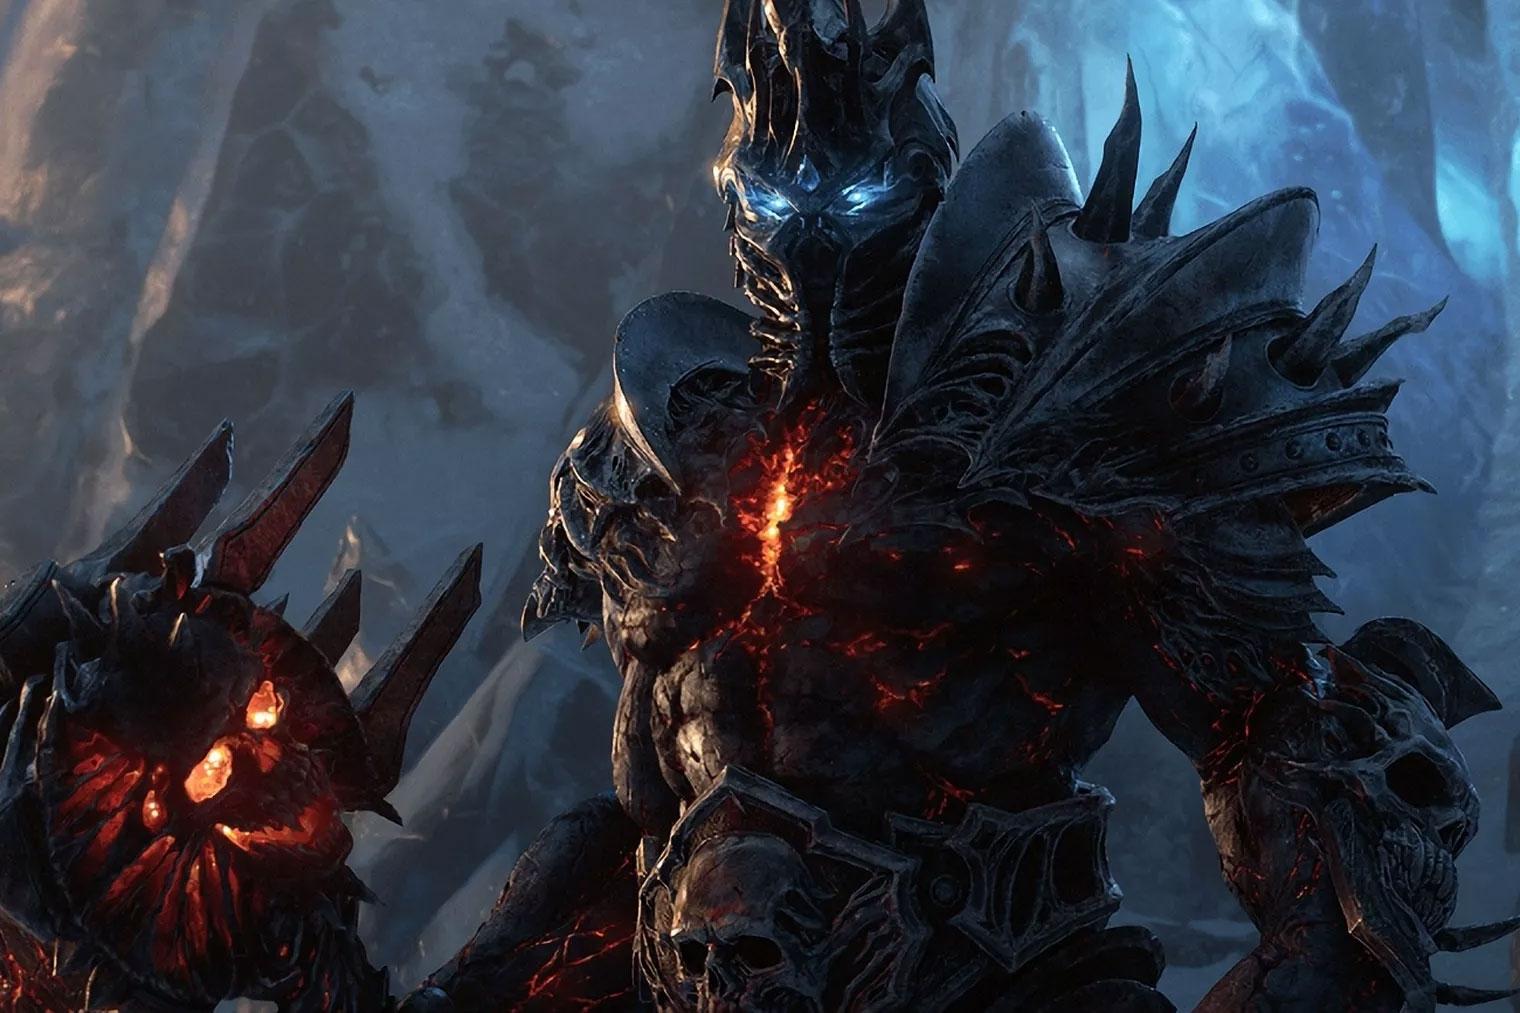 Видео: Blizzard представила следующее расширение World of Warcraft — Shadowlands